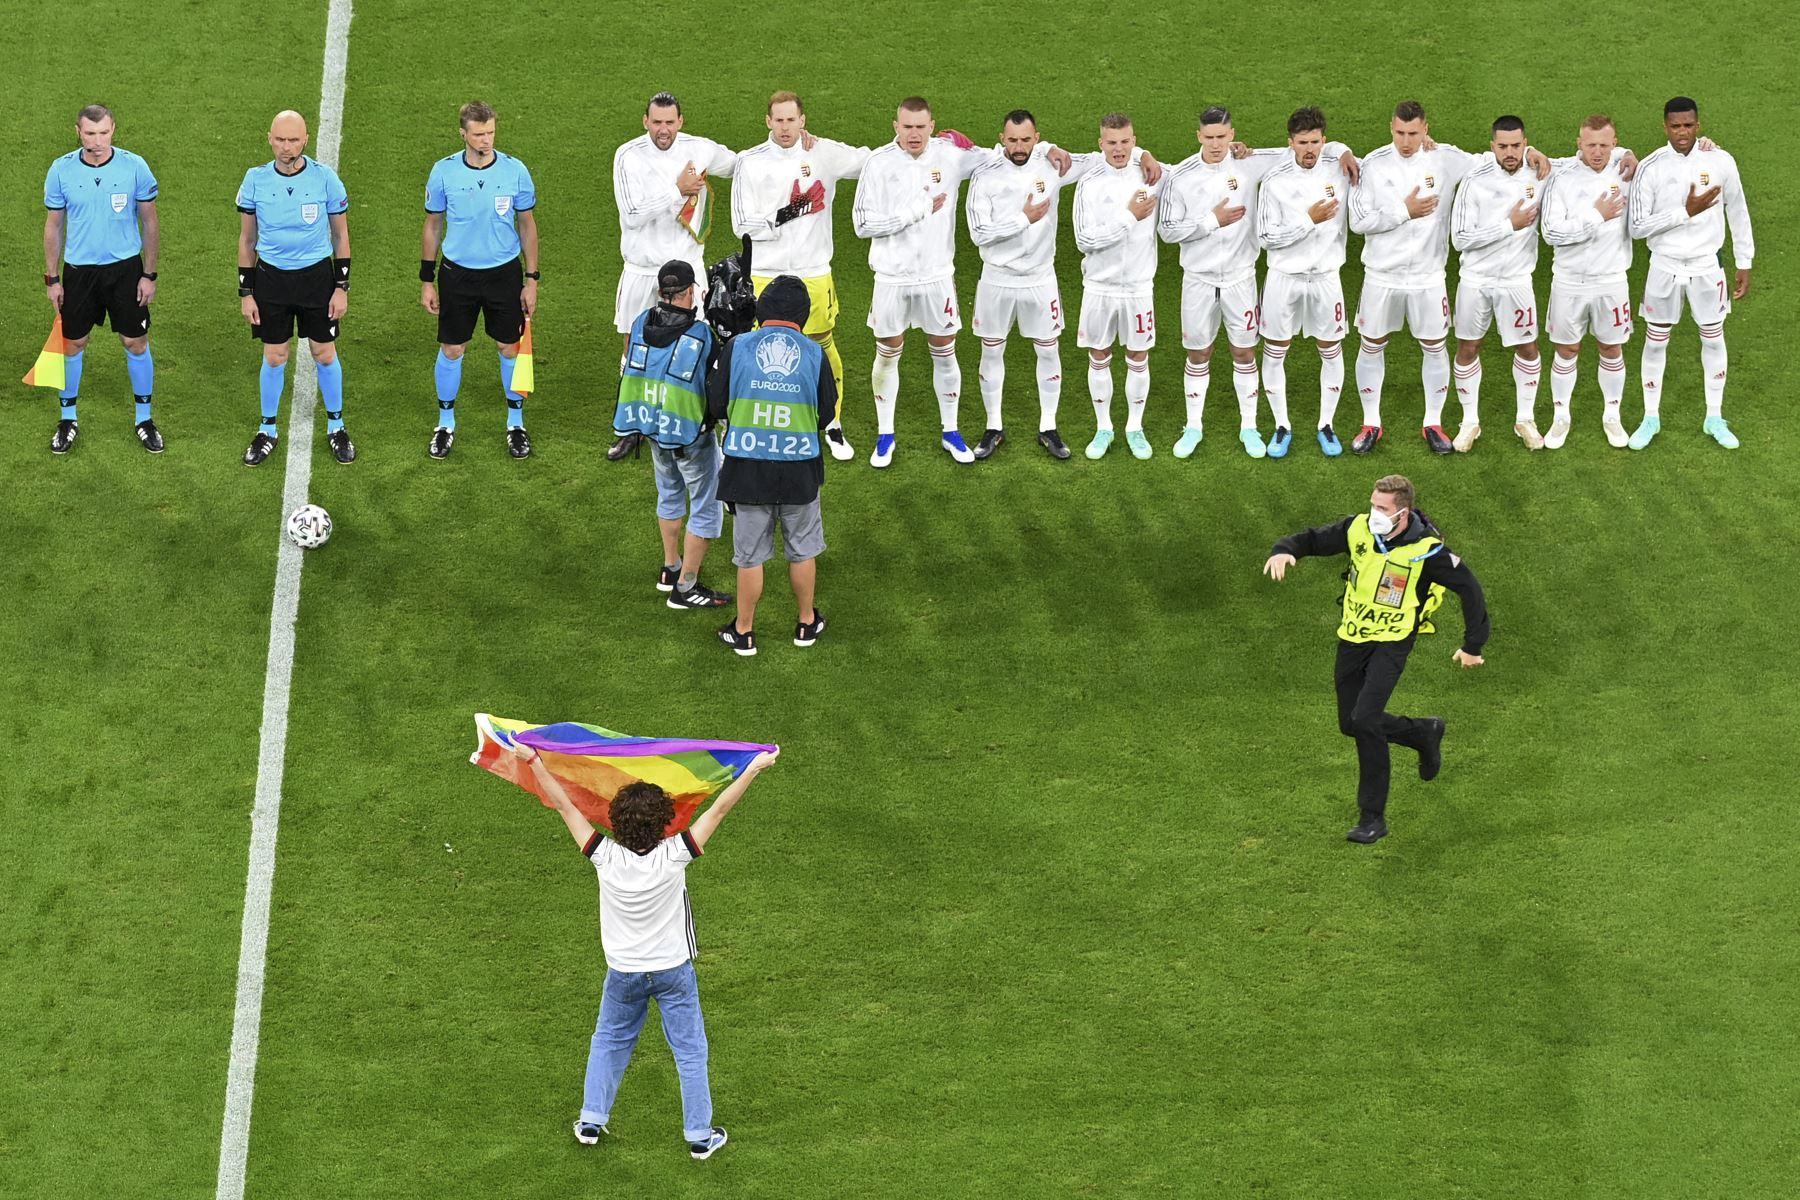 Activista con bandera arcoíris ingresó la cancha durante el partido entre Alemania y Hungría por el Grupo F de la UEFA EURO 2020, en el Allianz Arena de Munich. Foto: AFP